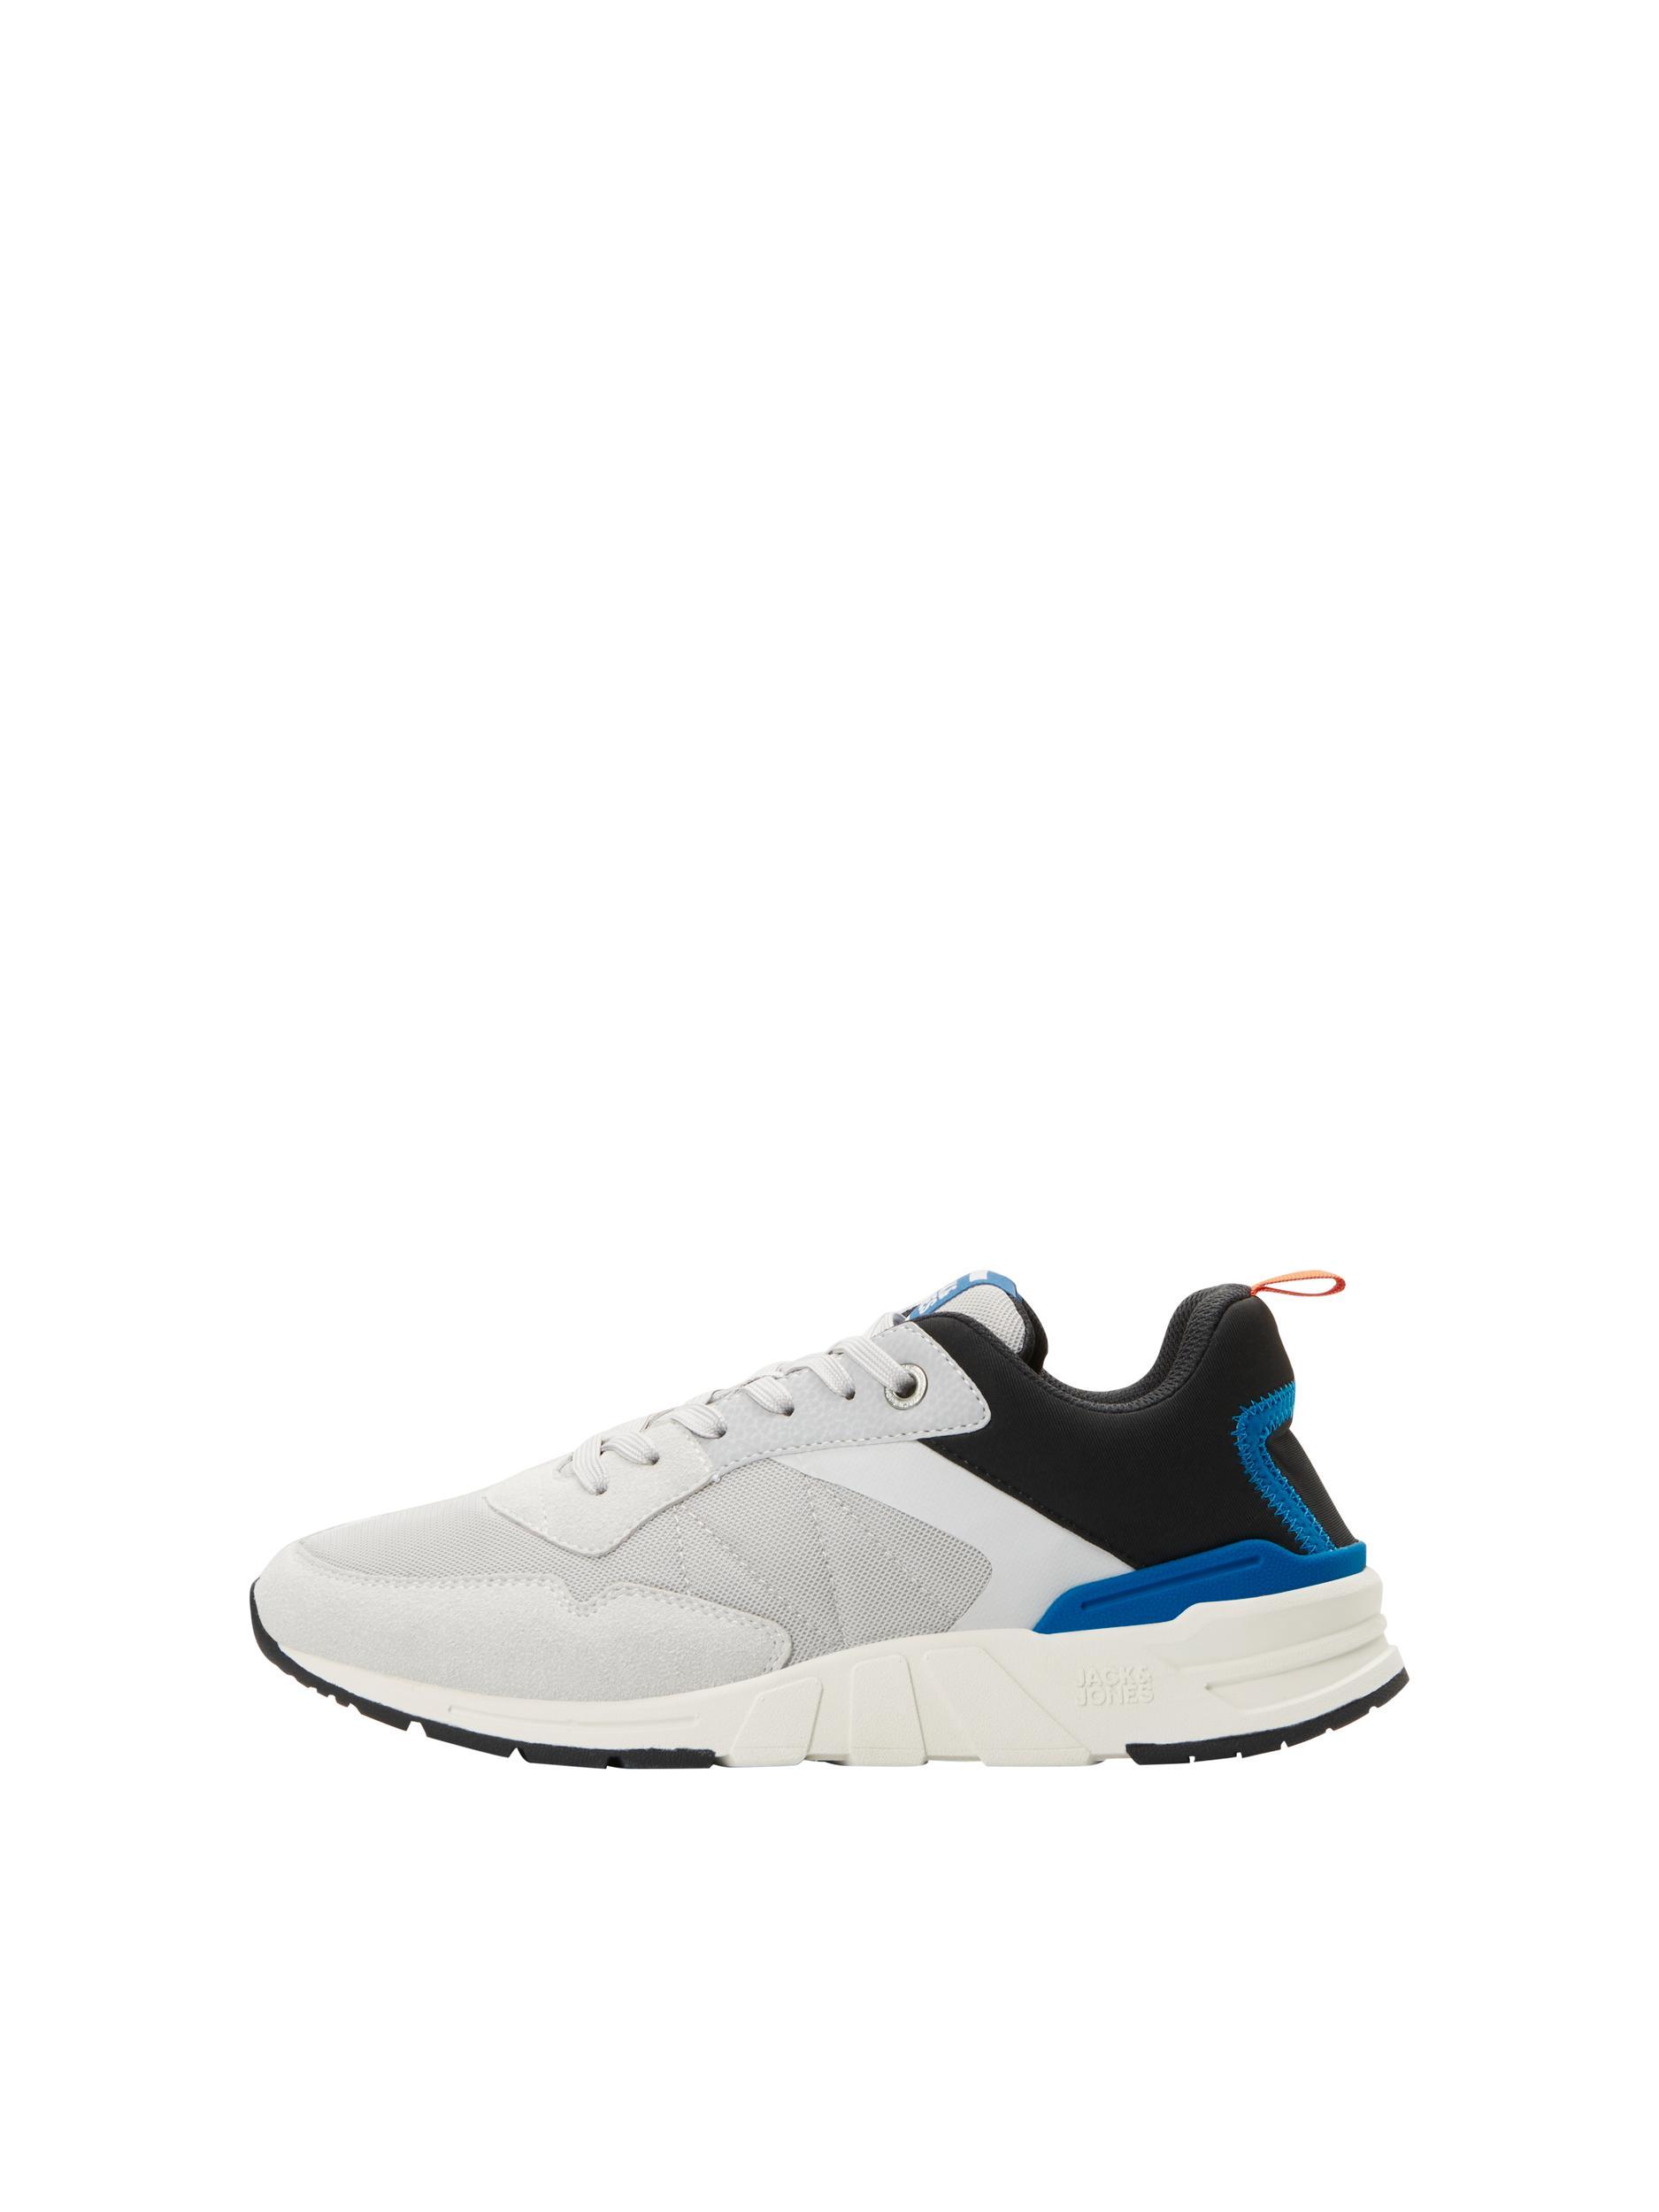 Jack and Jones sneakers , Vapor blue, 44